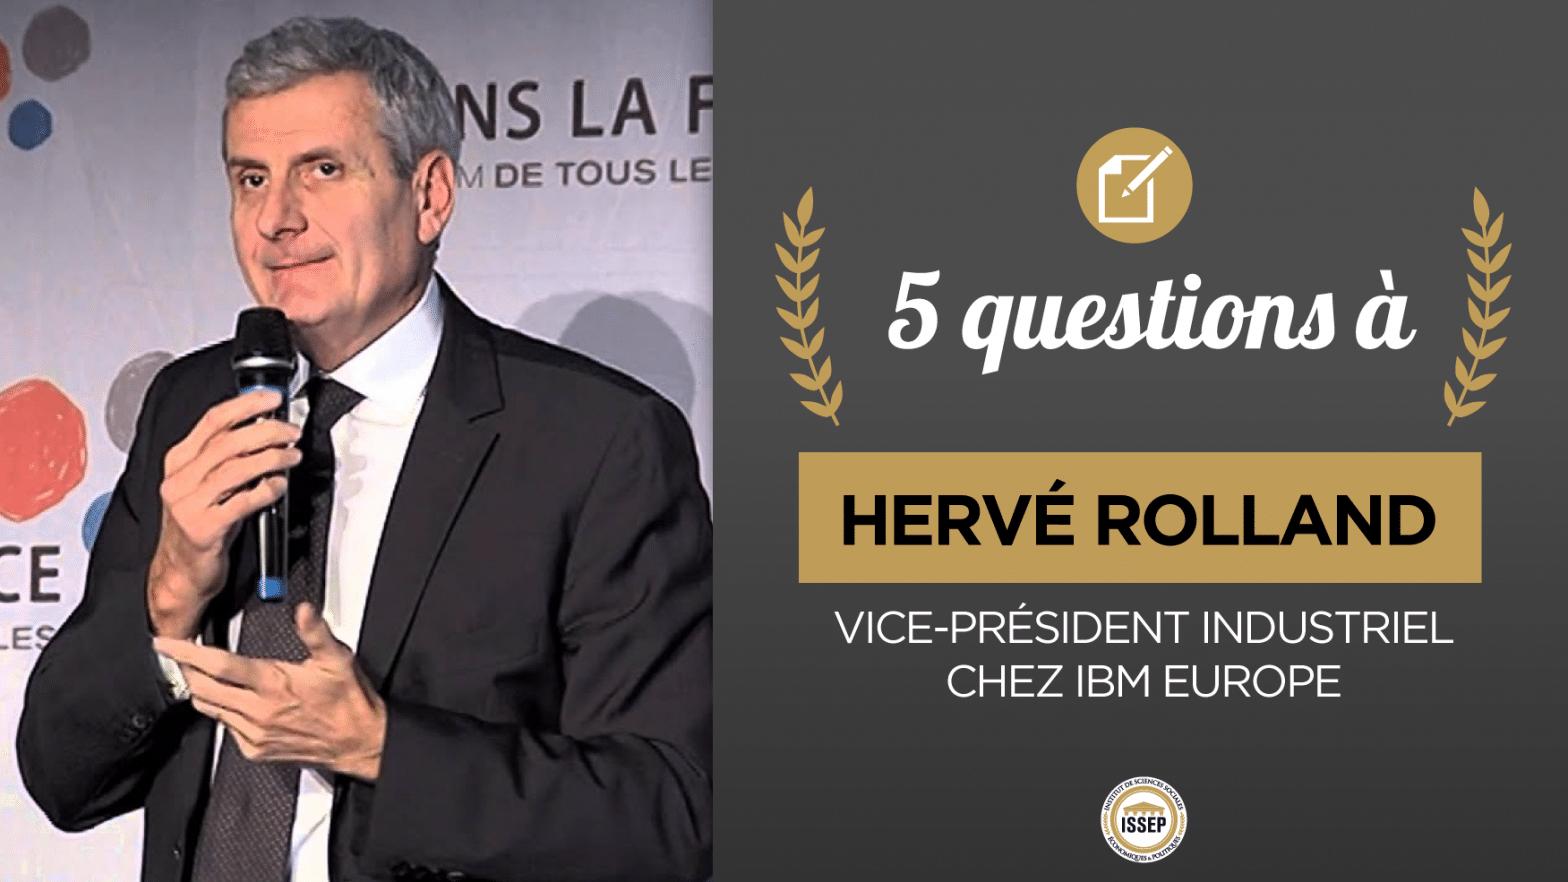 5 questions à Hervé Rolland, vice-président industriel chez IBM Europe